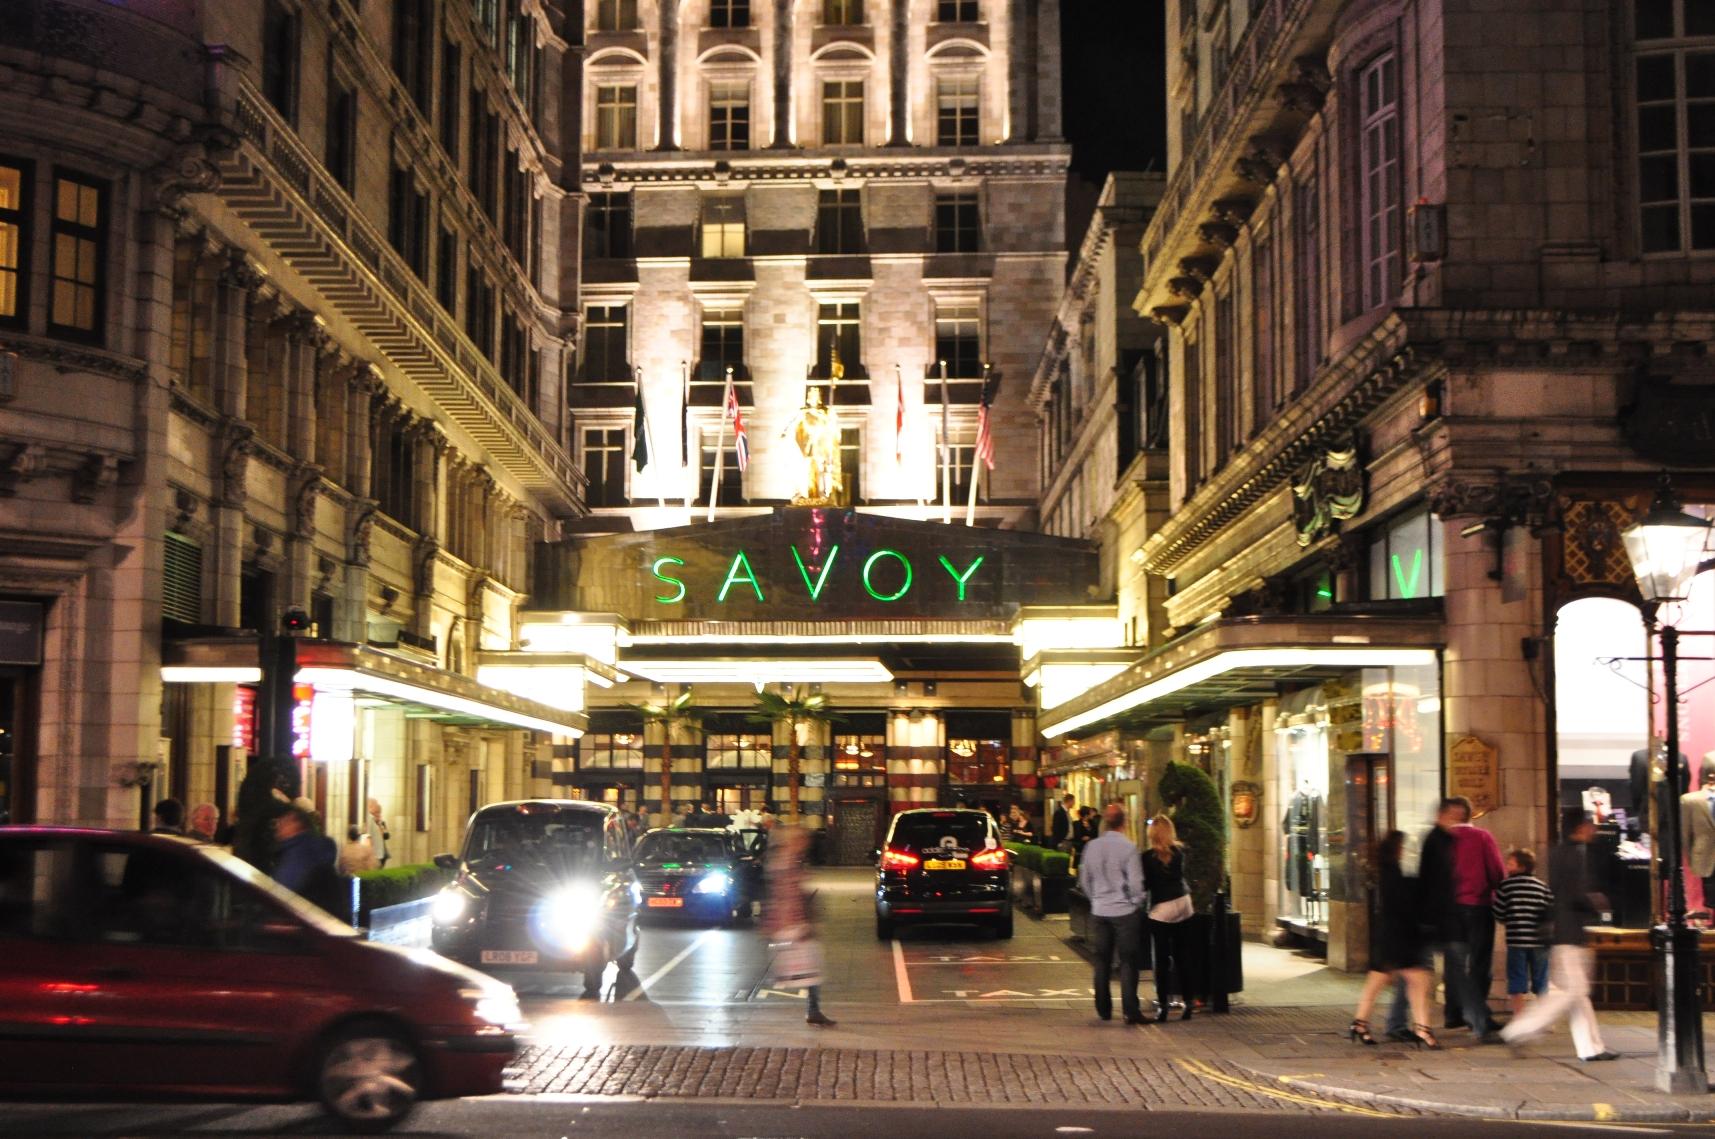 《 瘋狂亞洲富豪 》電影開頭主角一家人入住的飯店 薩伏伊飯店 。